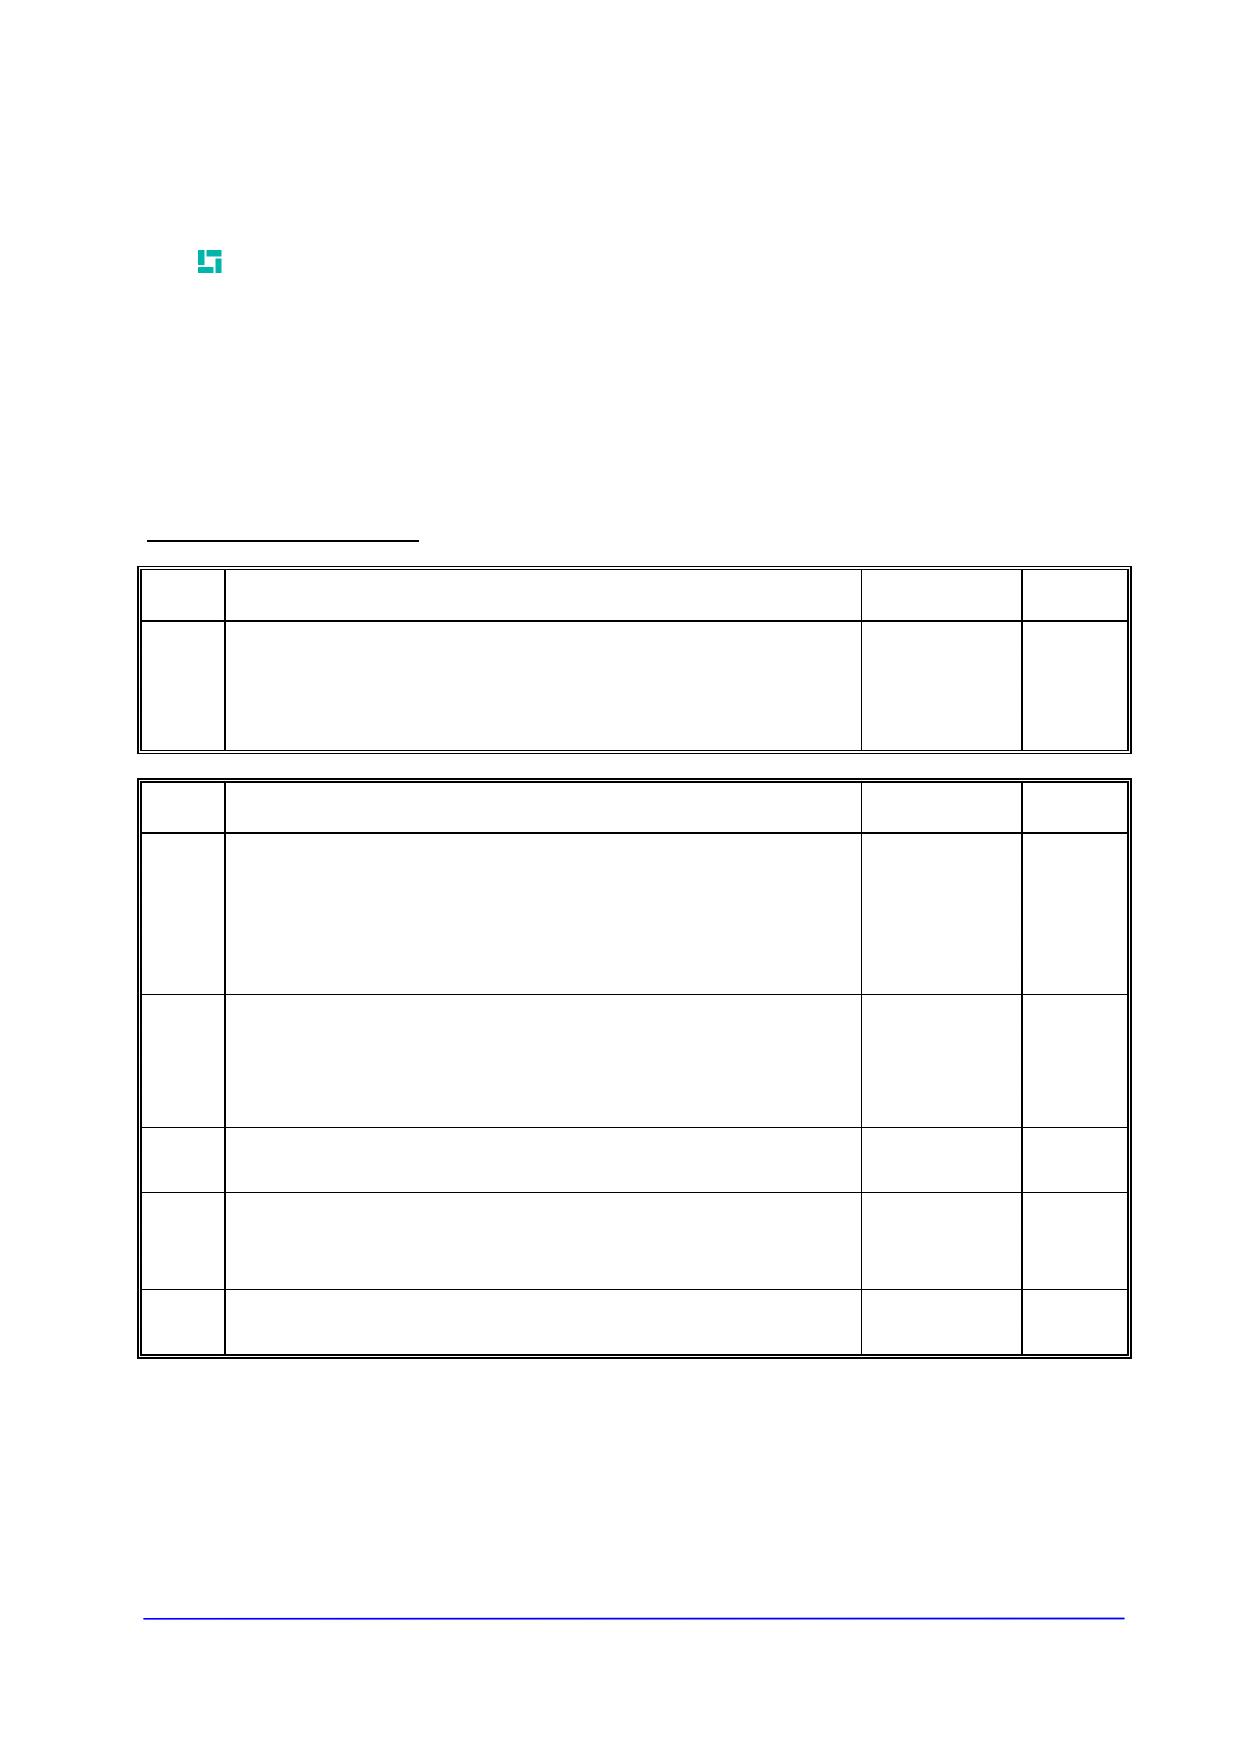 R0472YS12J datasheet